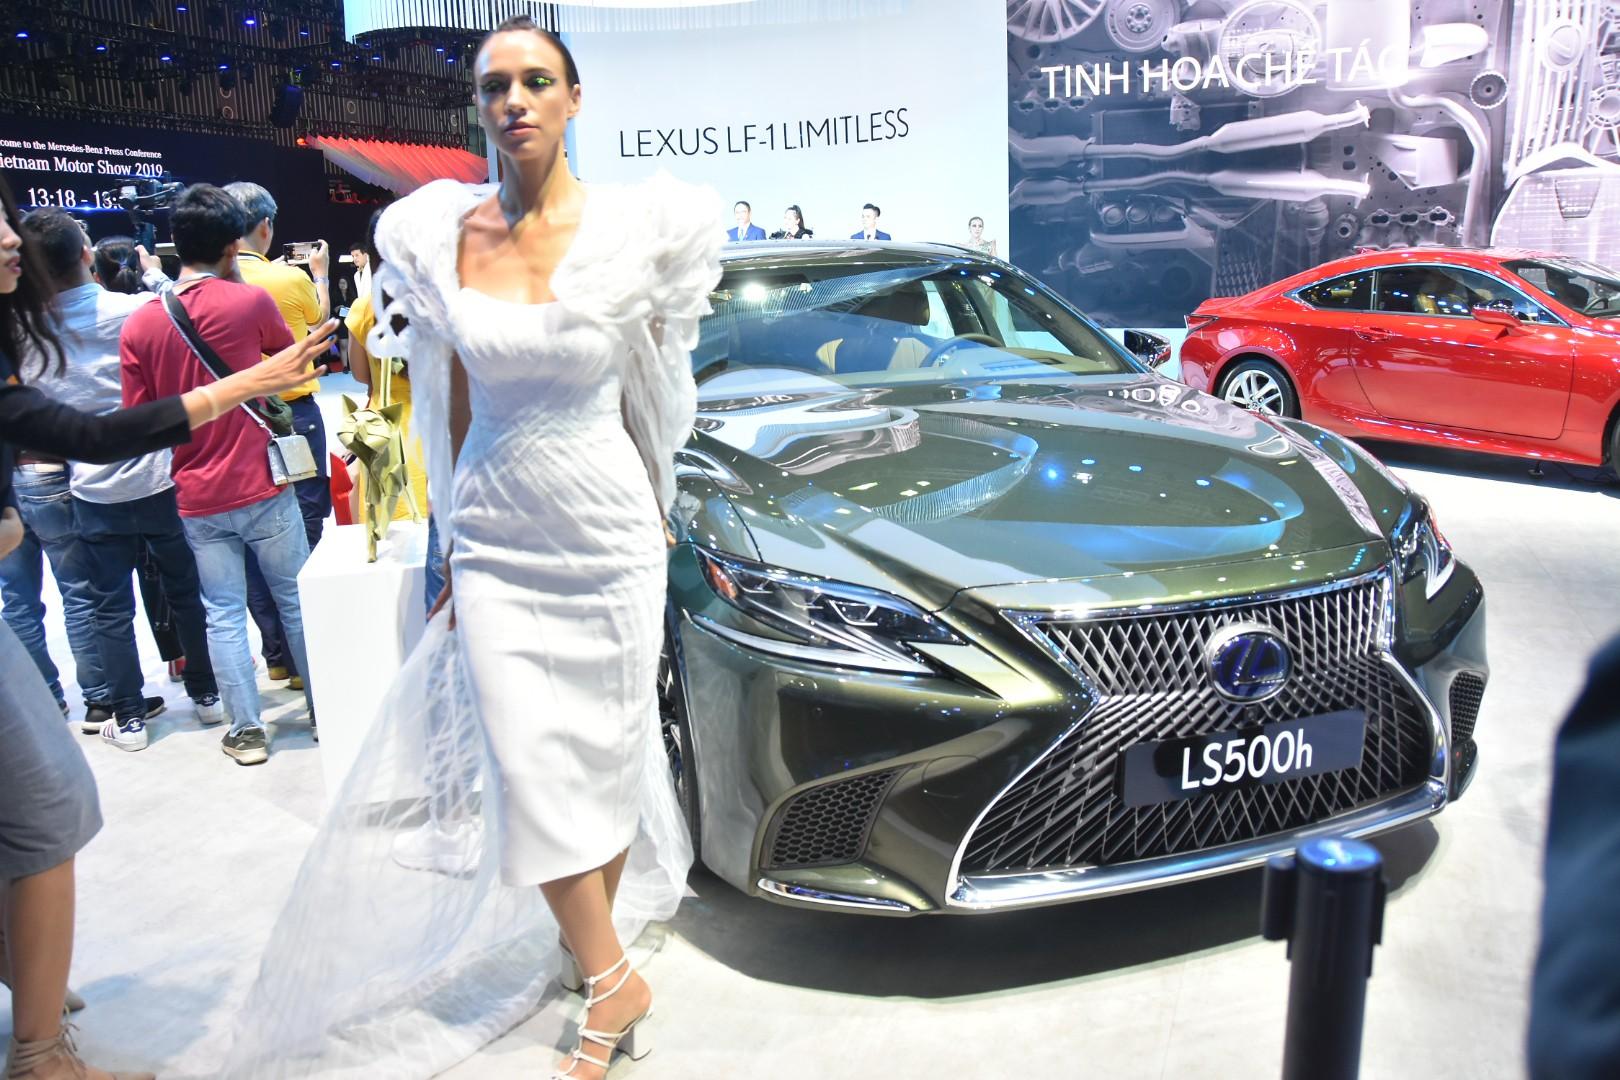 Gần 100 mẫu ôtô mới nhất trình diễn tại Vietnam Motor Show 2019 - Ảnh 7.